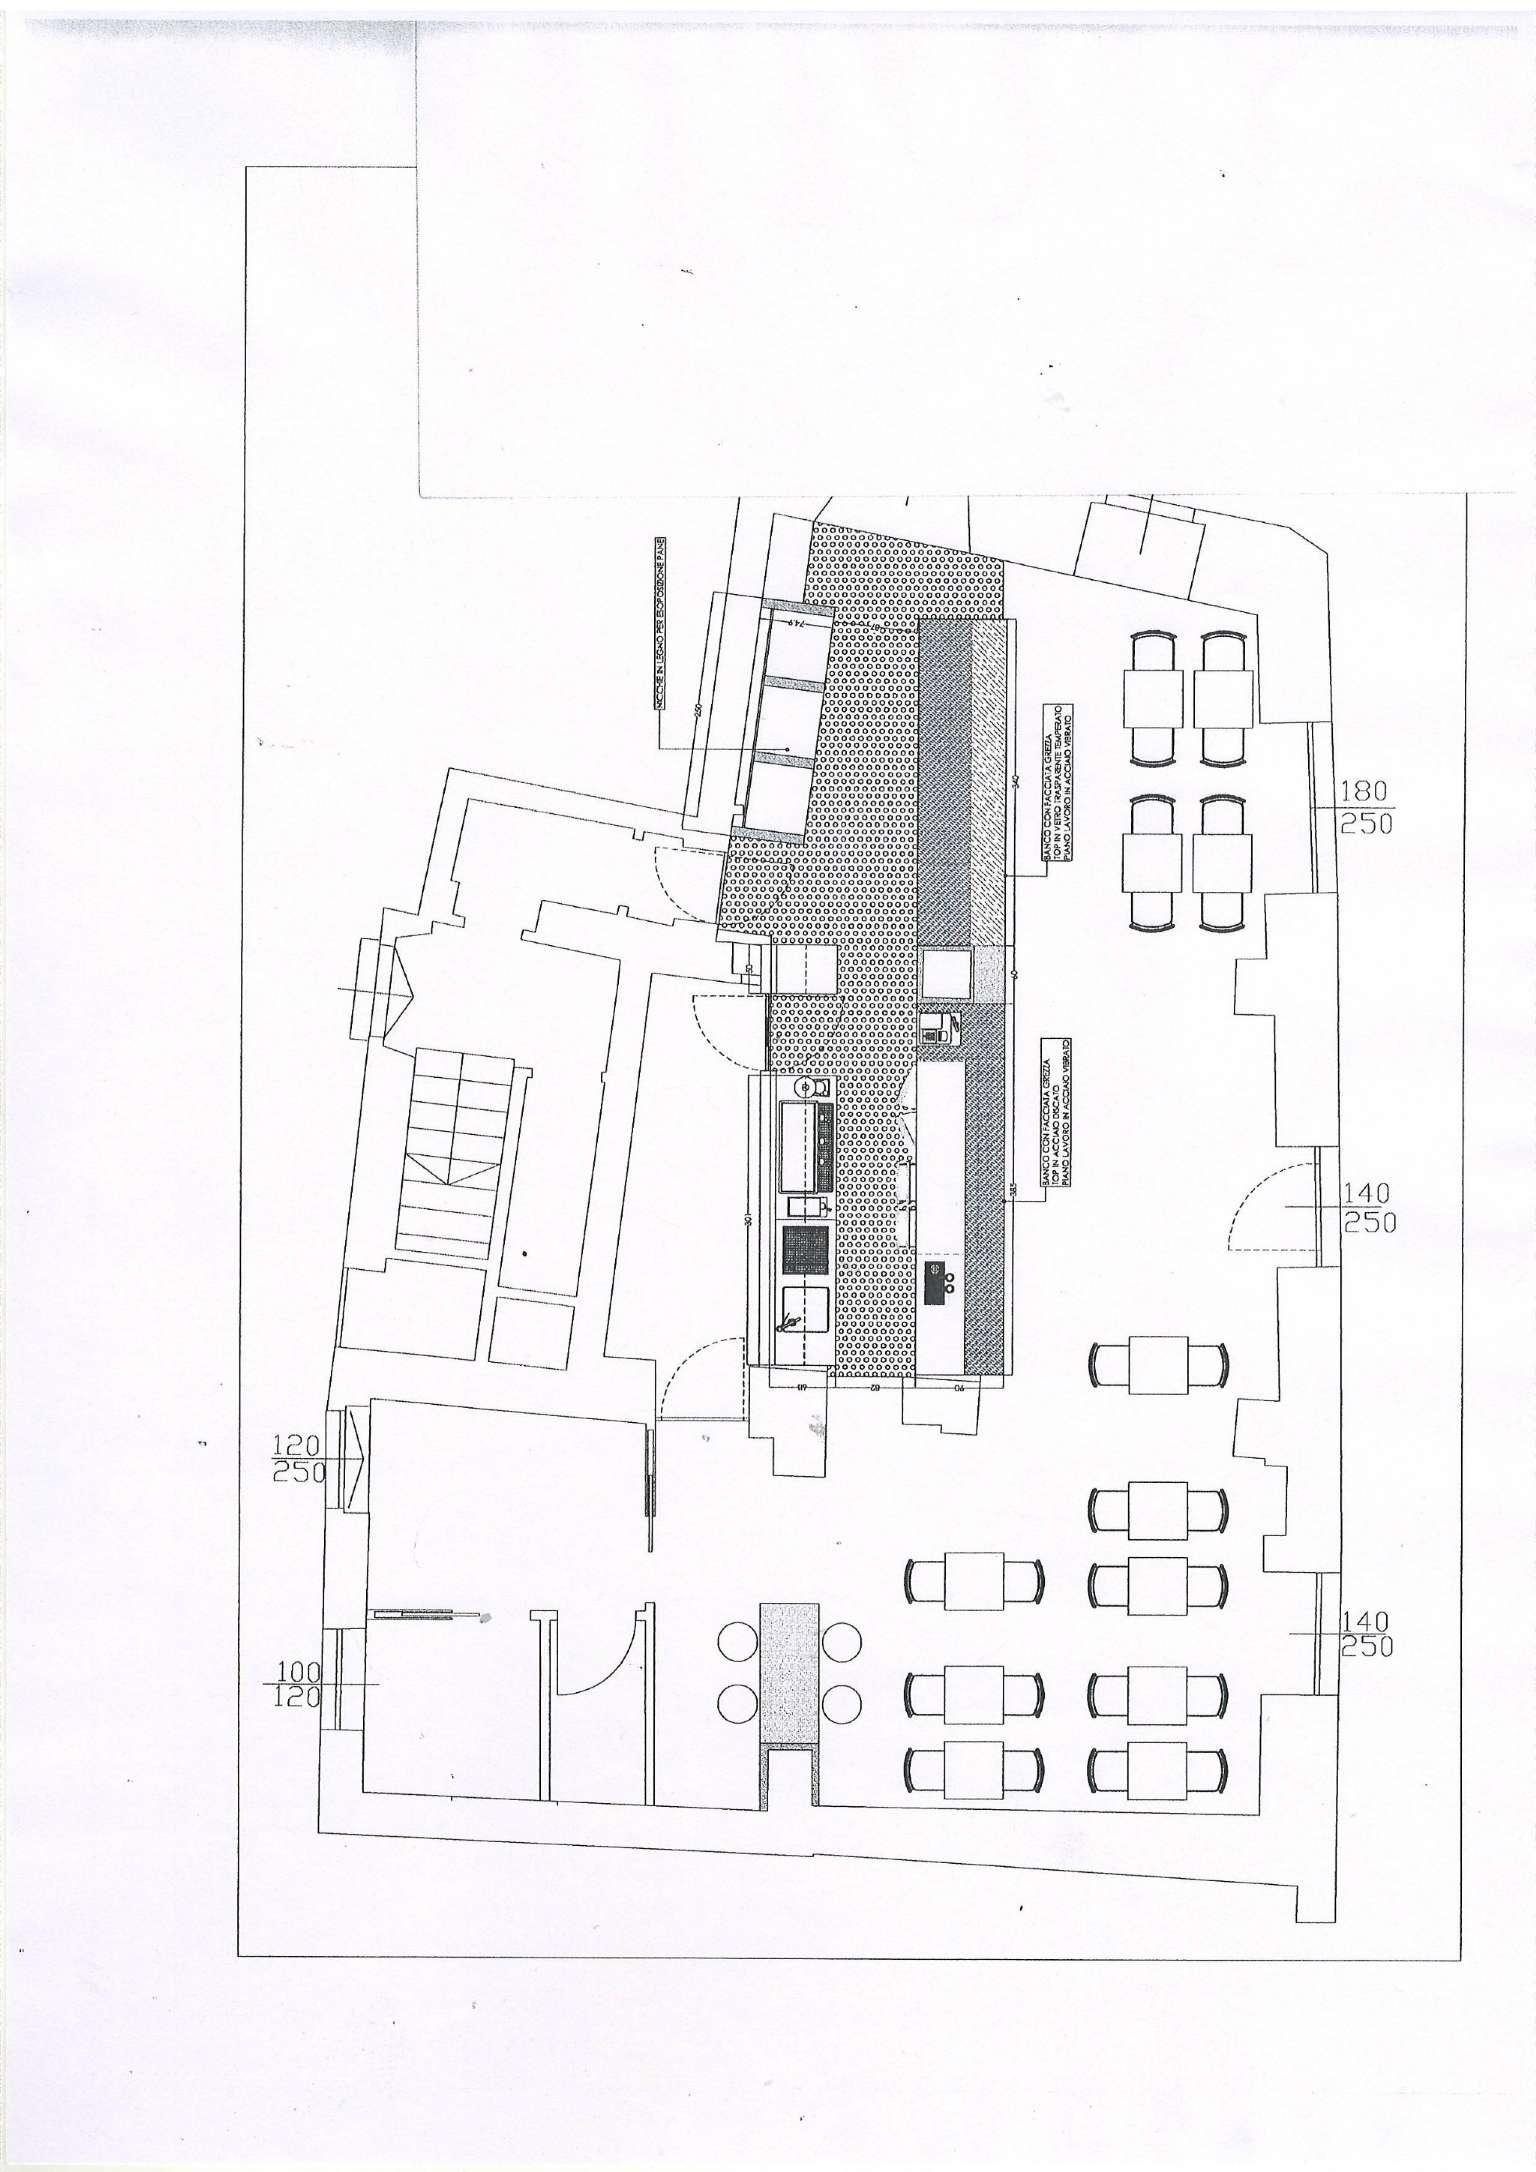 Negozio / Locale in affitto a Binago, 1 locali, prezzo € 1.000 | CambioCasa.it